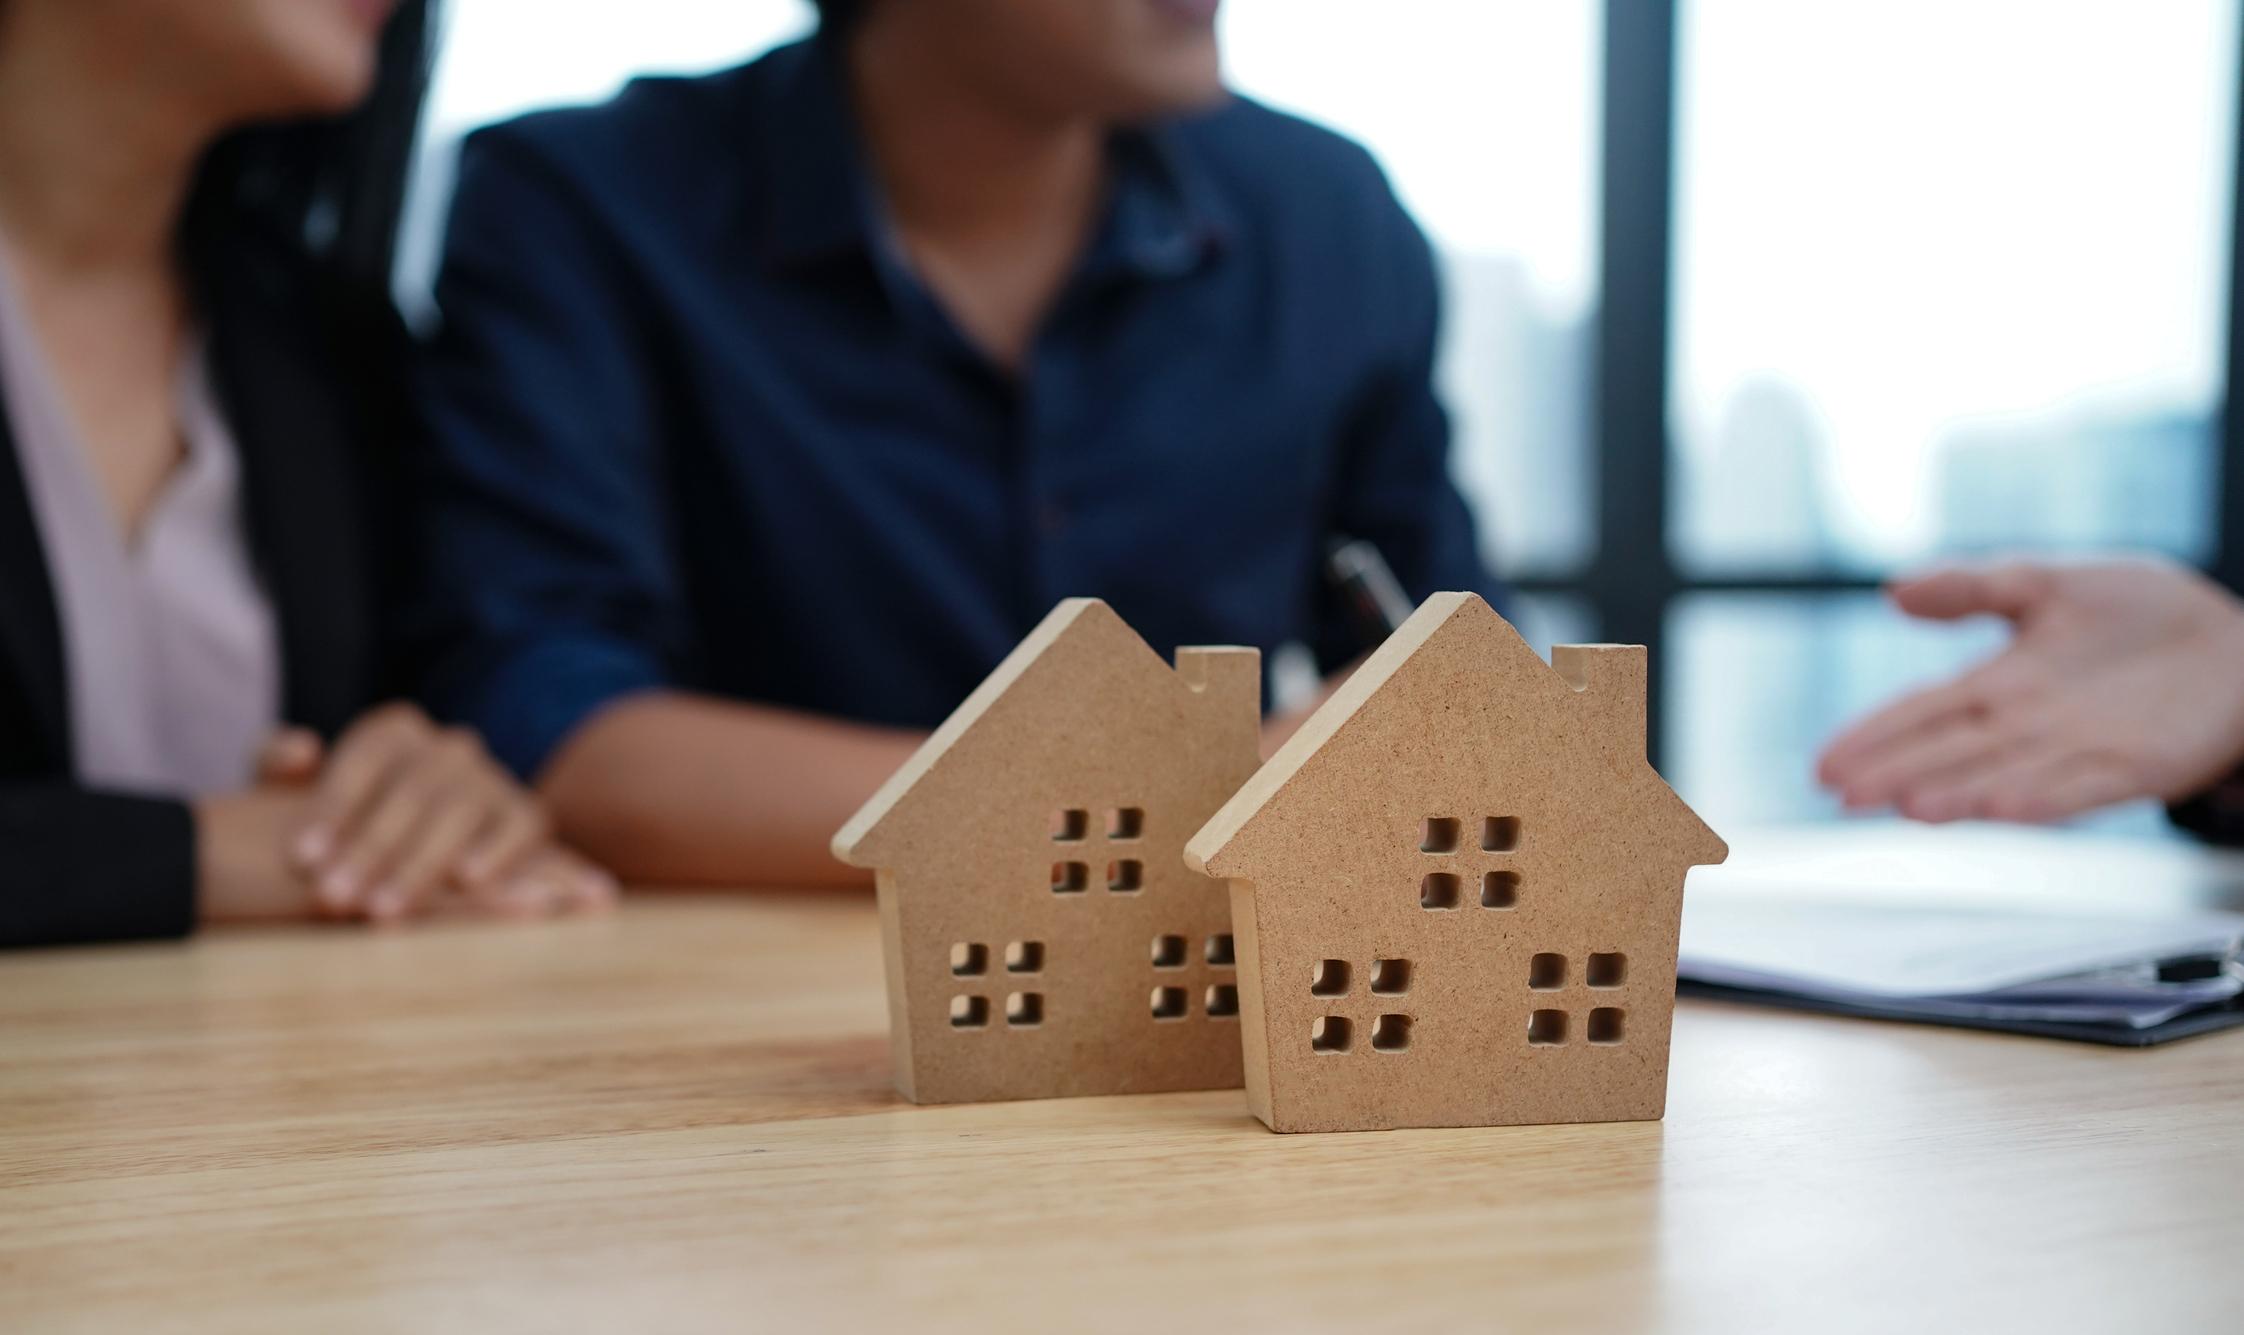 Créer une SCPI (Société civile de placement immobilier) - Annonces-legales.fr